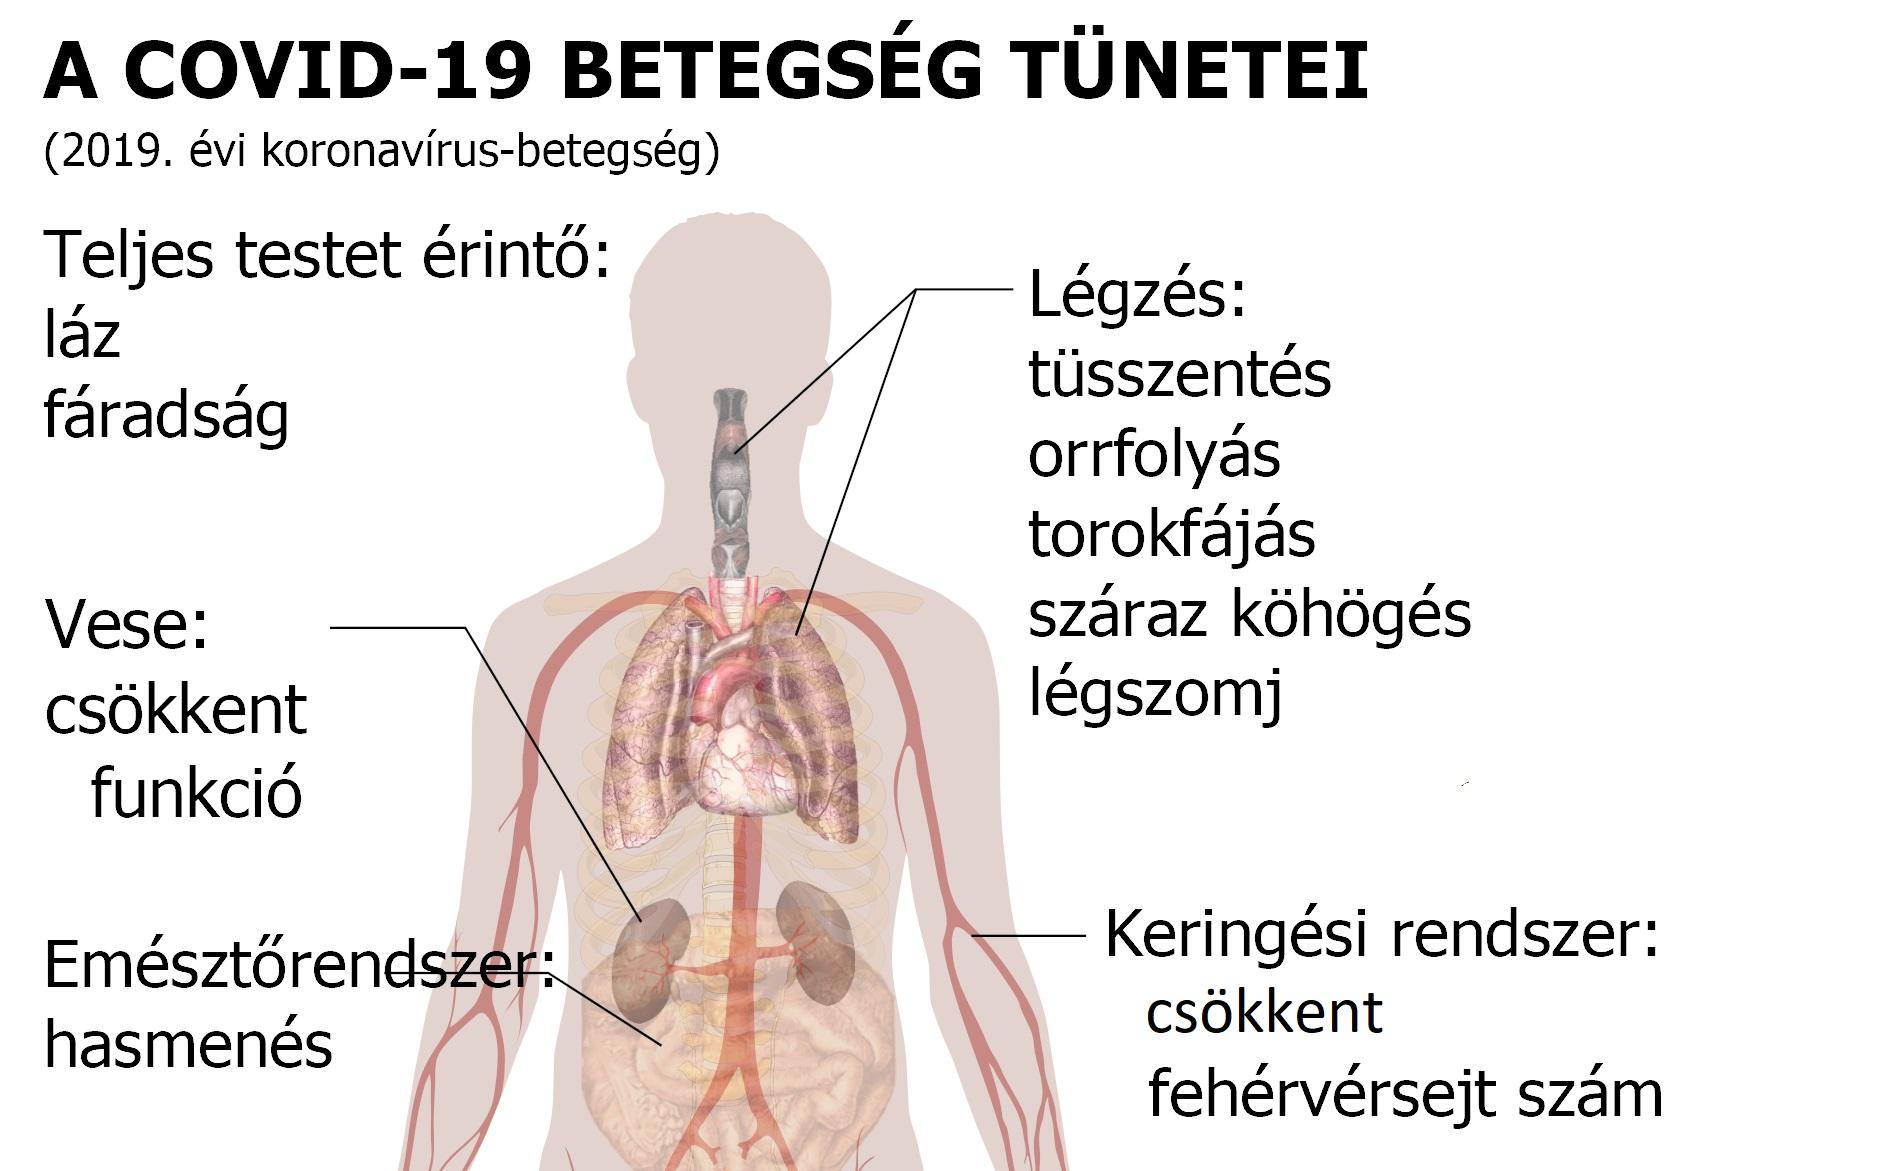 paraziták tünetei az emberi test kezelési áttekintéseiben)